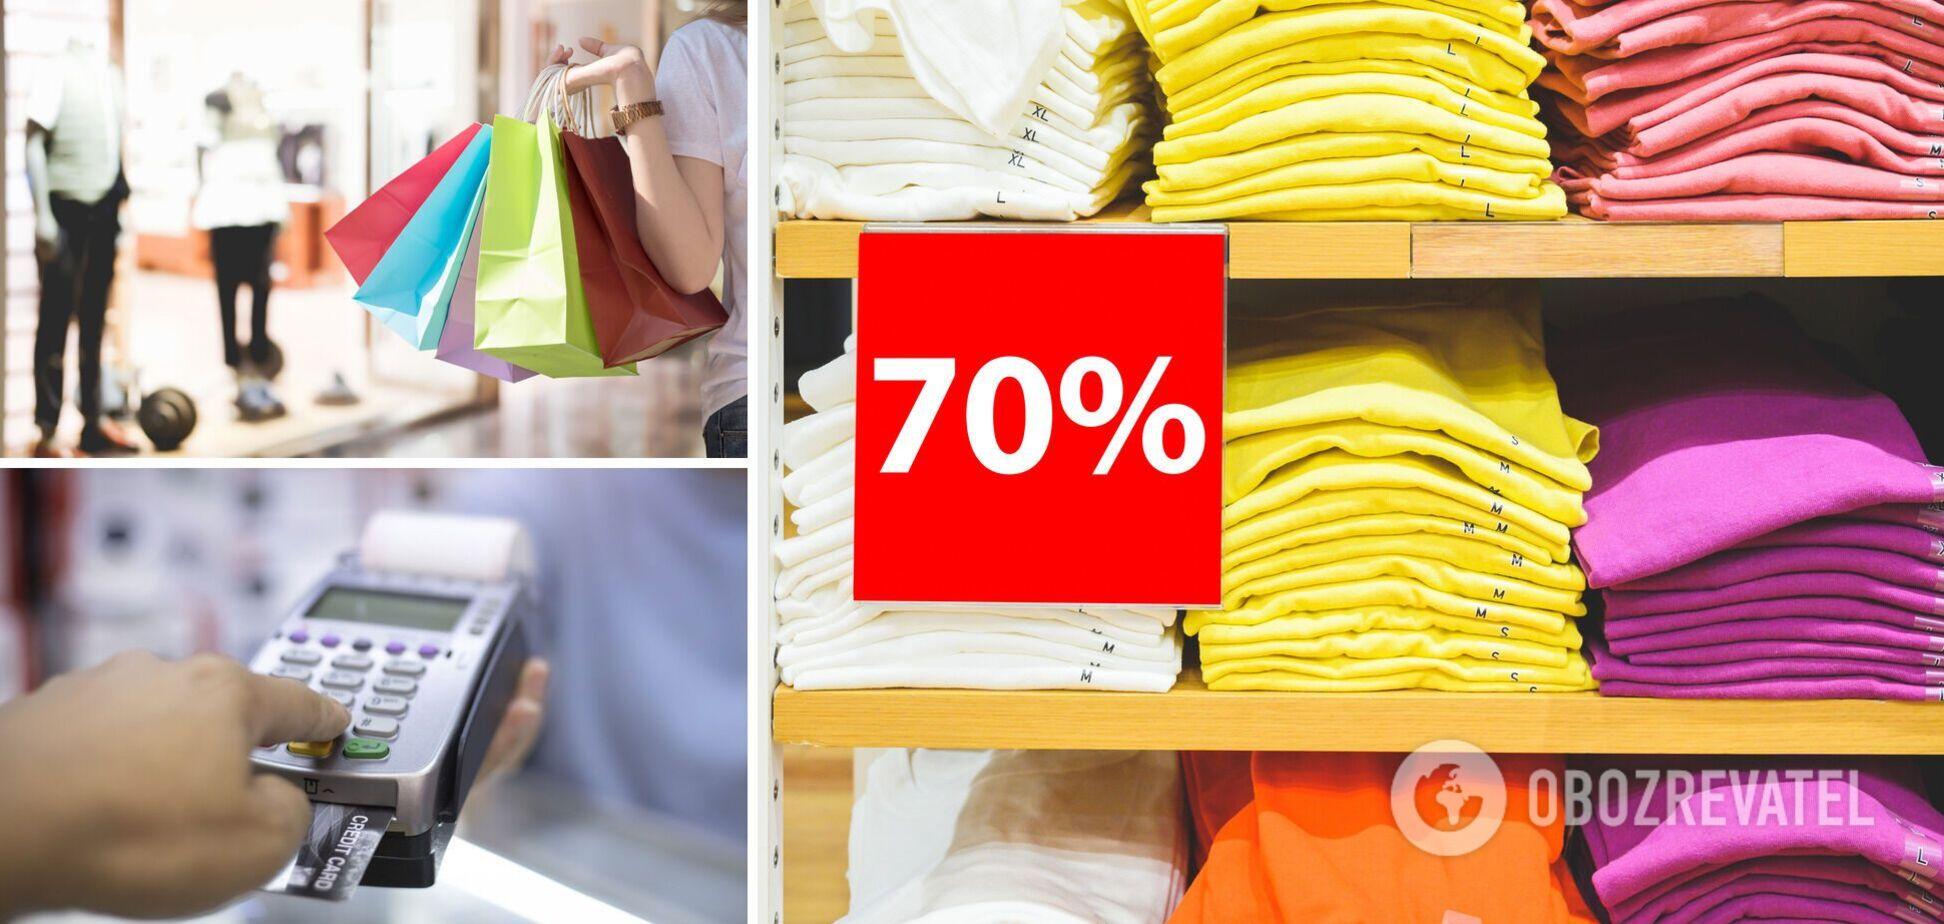 Украинцев часто обманывают, когда предлагают покупать вещи с большими скидками